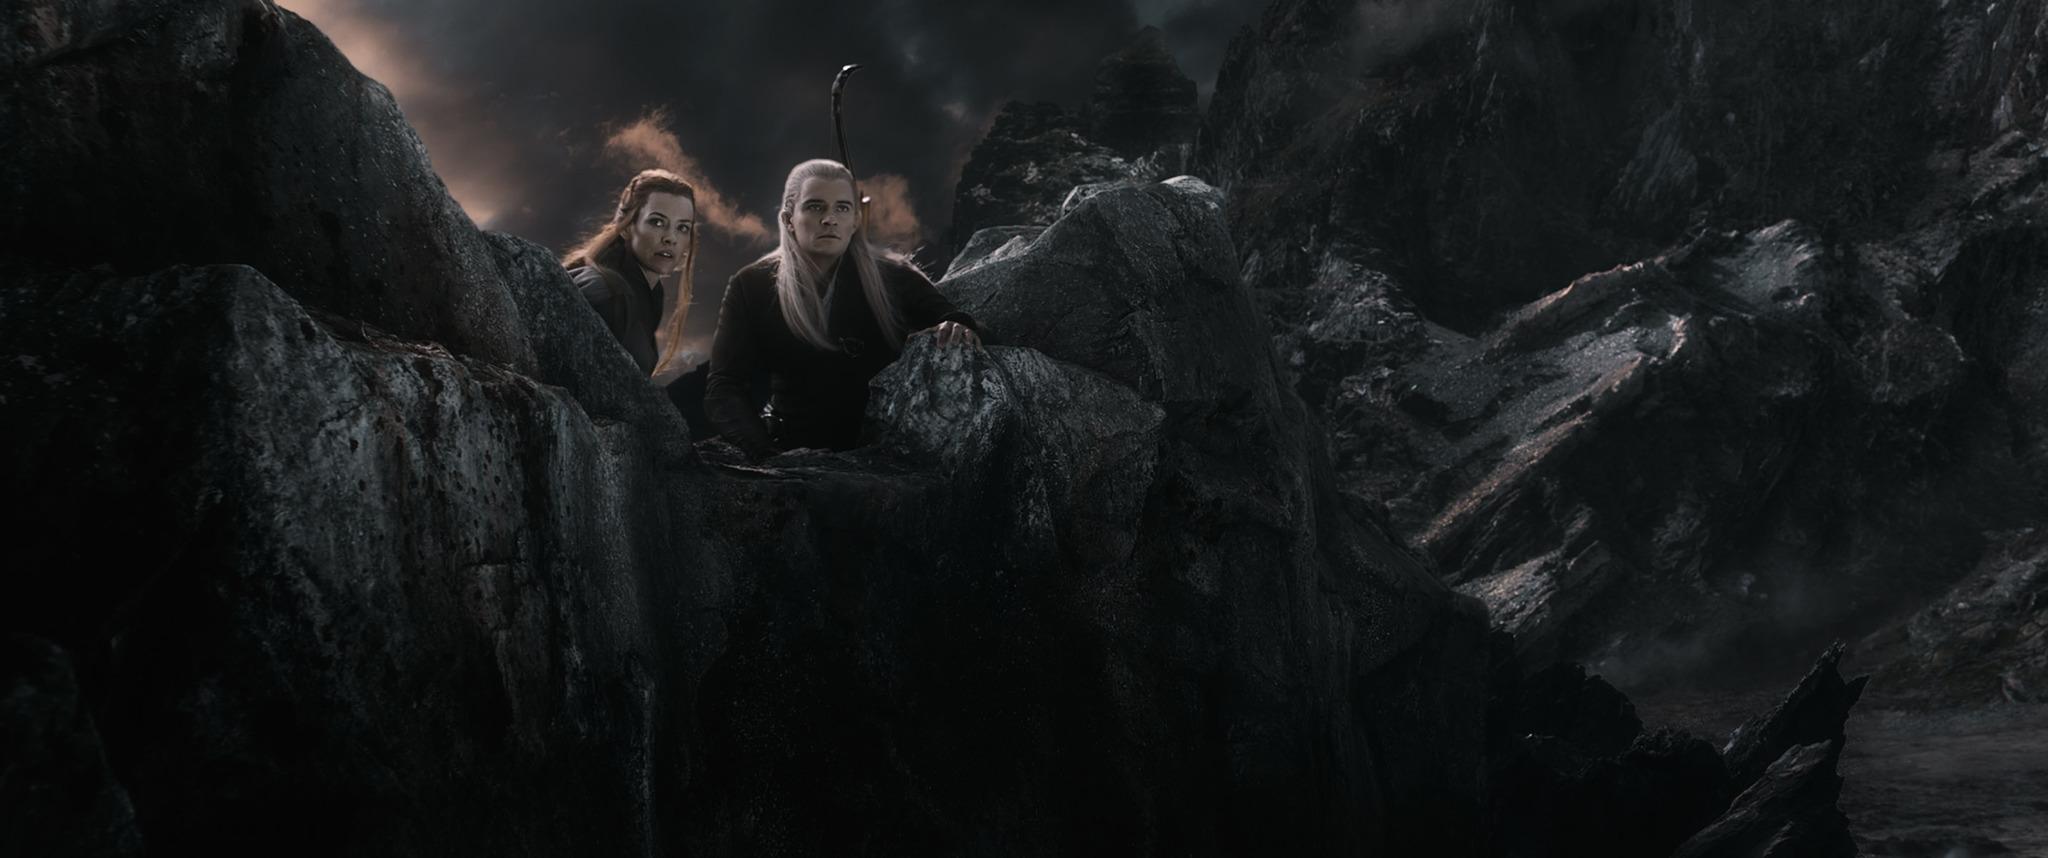 кадры из фильма Хоббит: Битва пяти воинств Эванджелин Лилли, Орландо Блум,